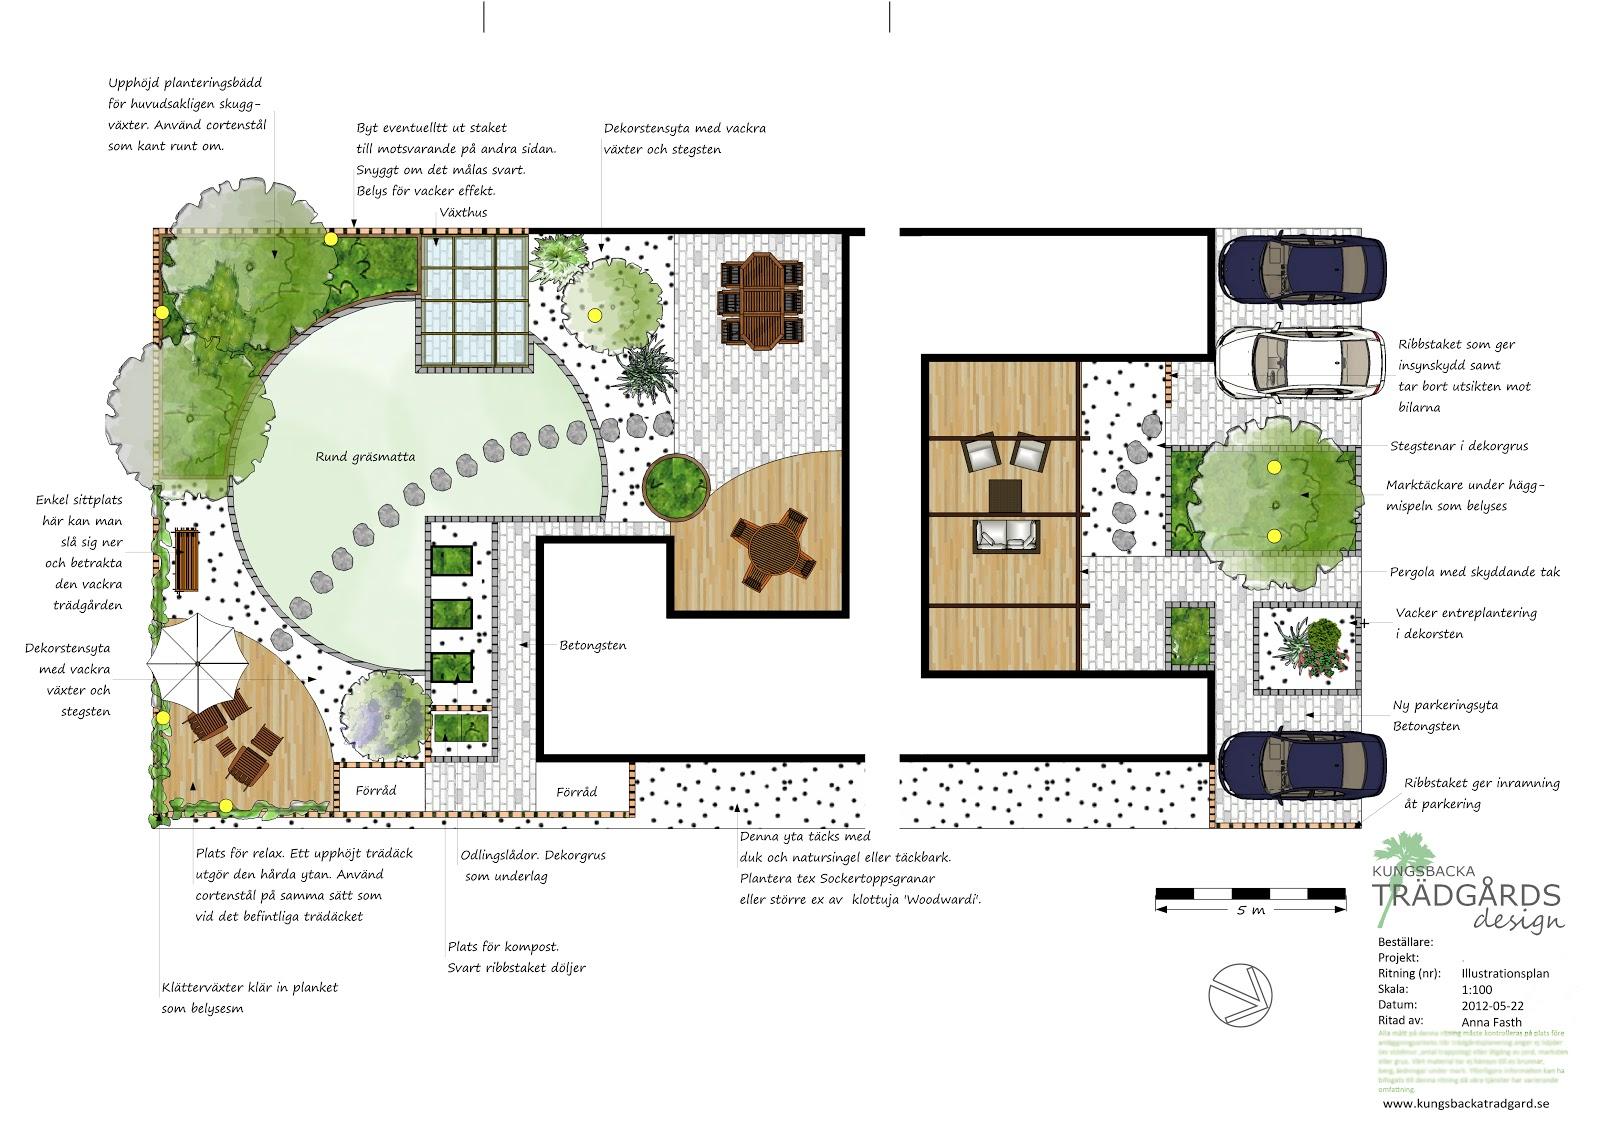 Trädgårdsplanering